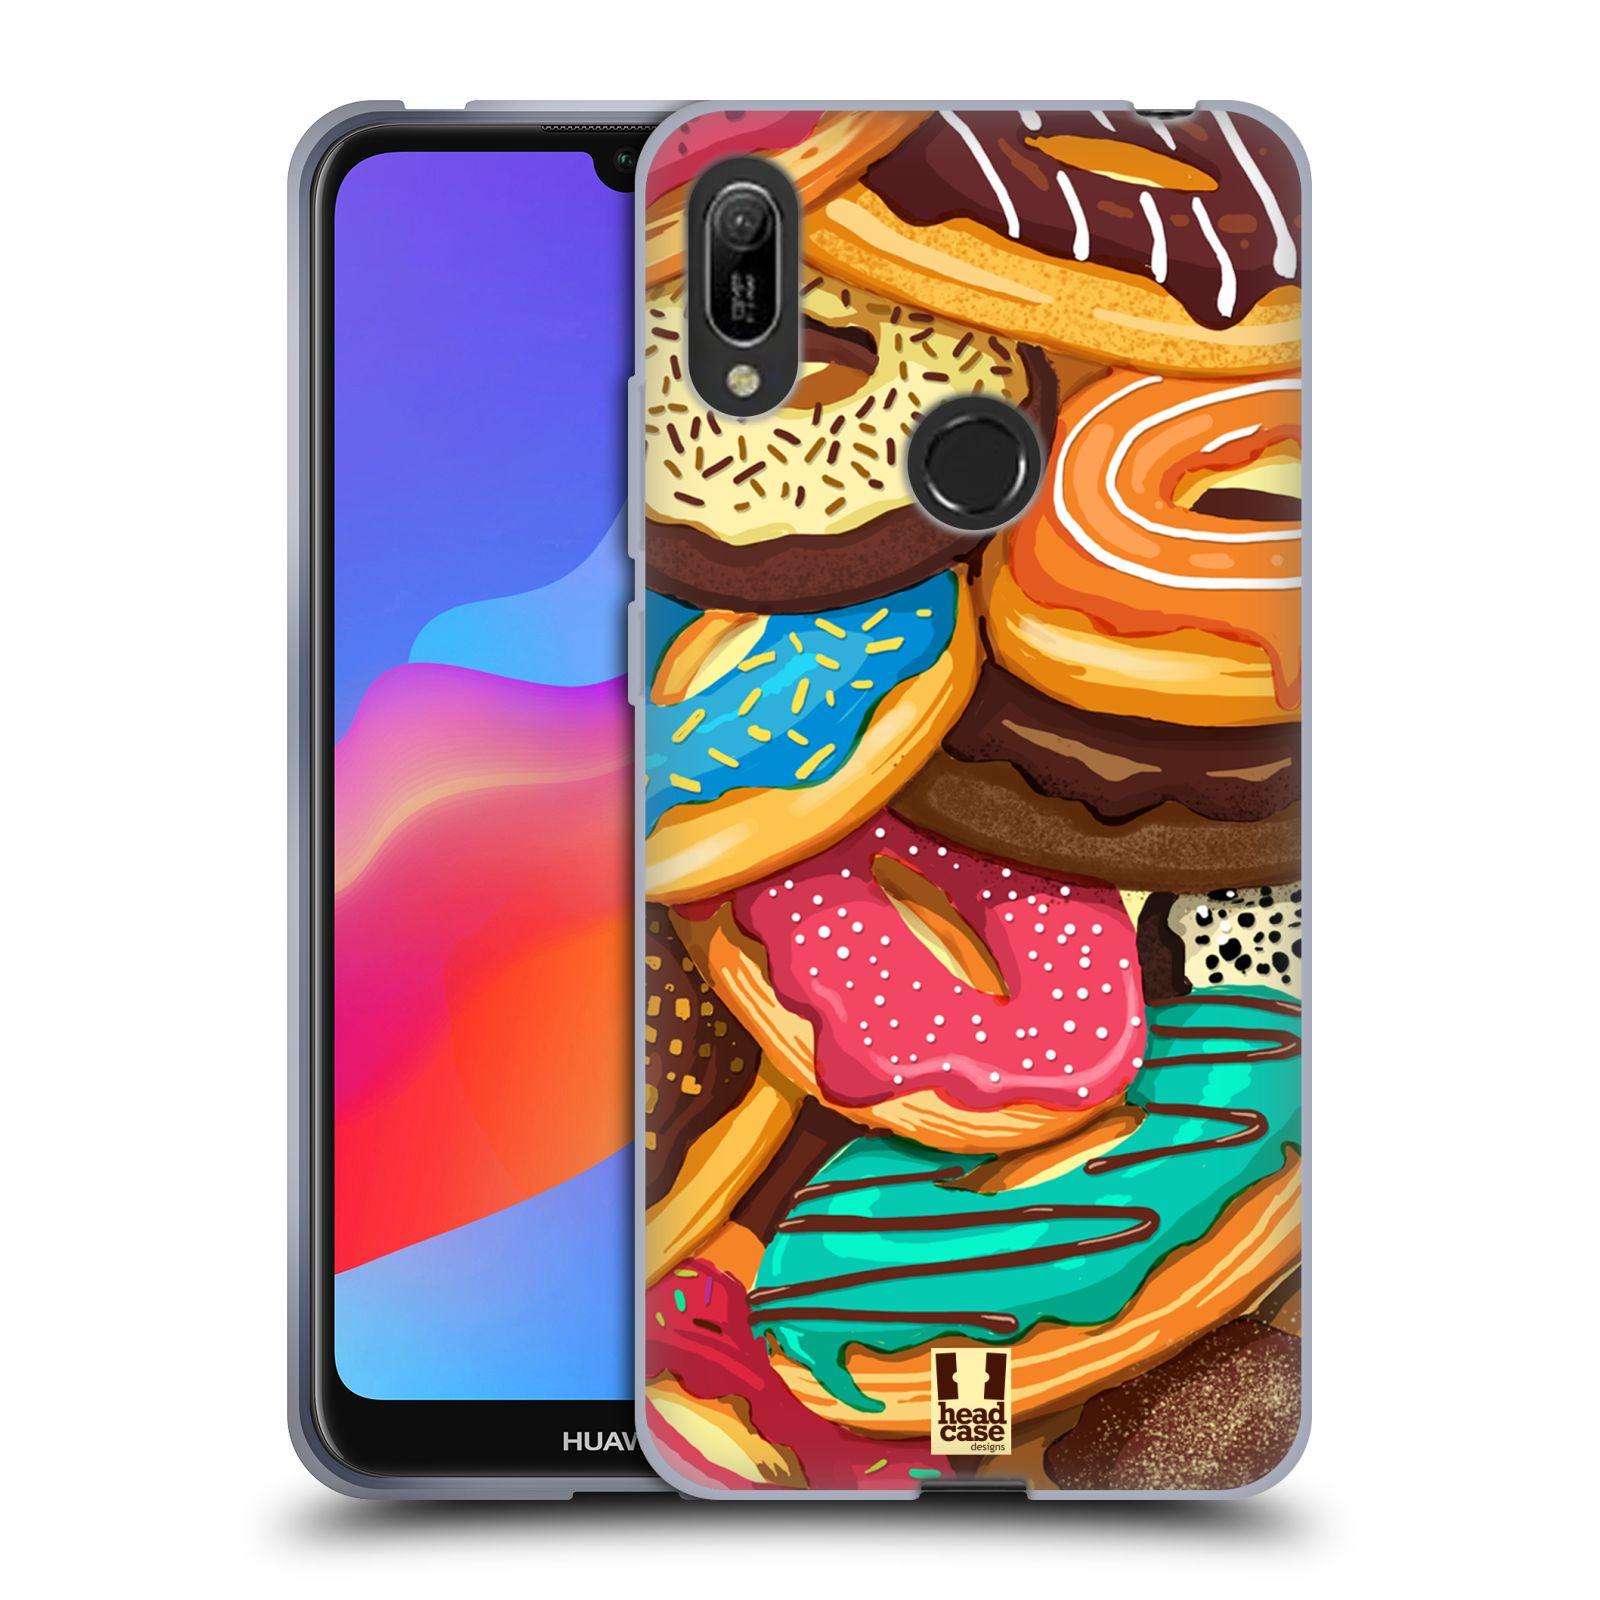 Silikonové pouzdro na mobil Huawei Y6 (2019) - Head Case - DONUTKY VŠUDE